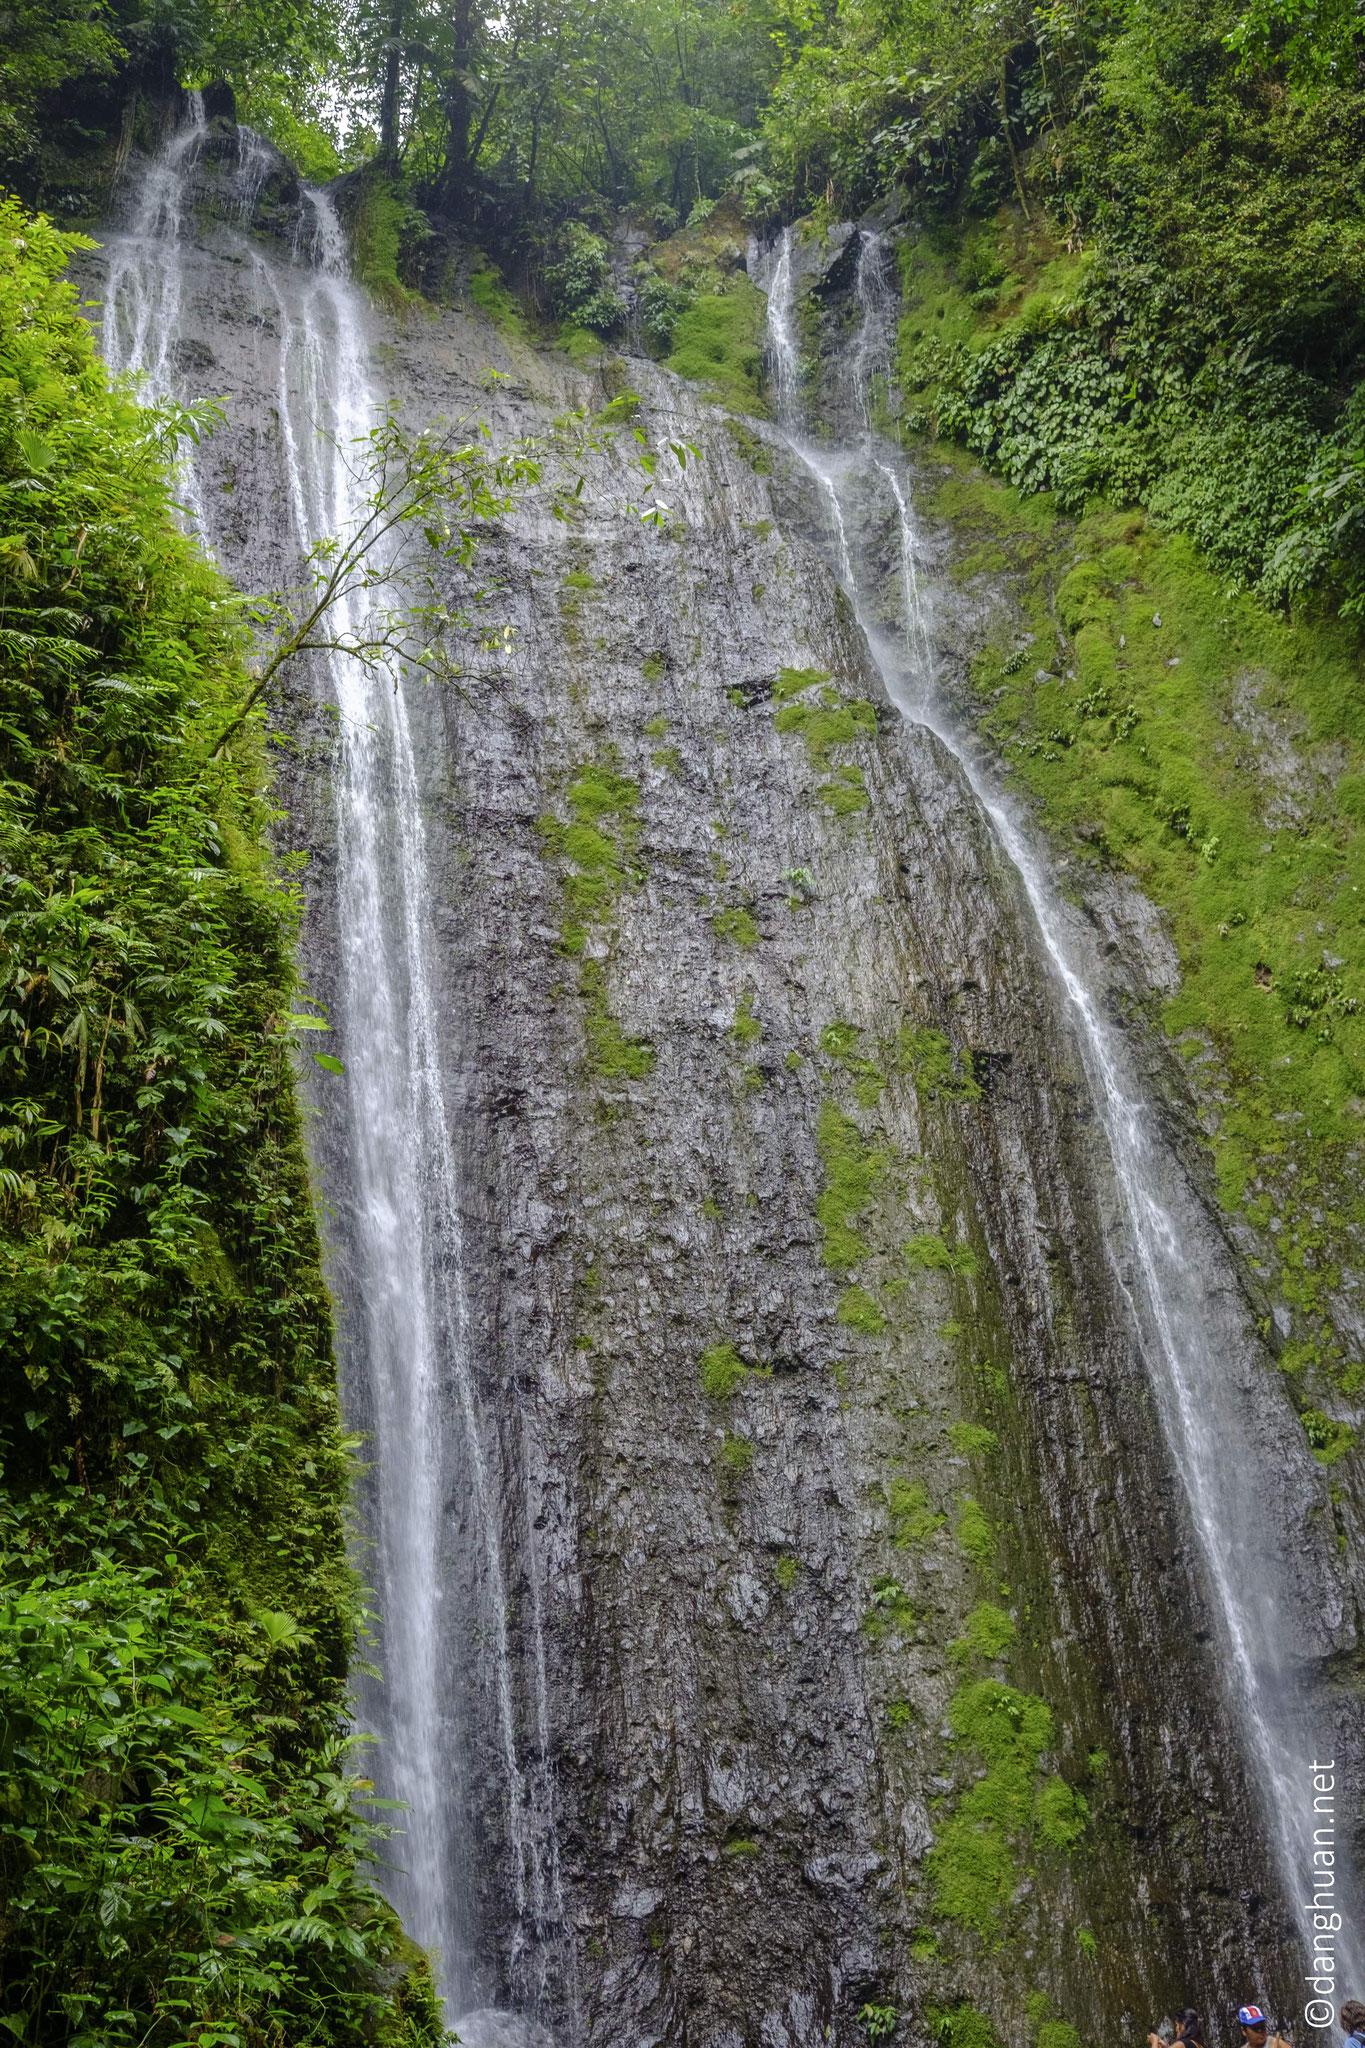 La chute d'eau Horacio dans El Parque de ninos, la plus grande réserve (23 K hectares)  de Costa Rica